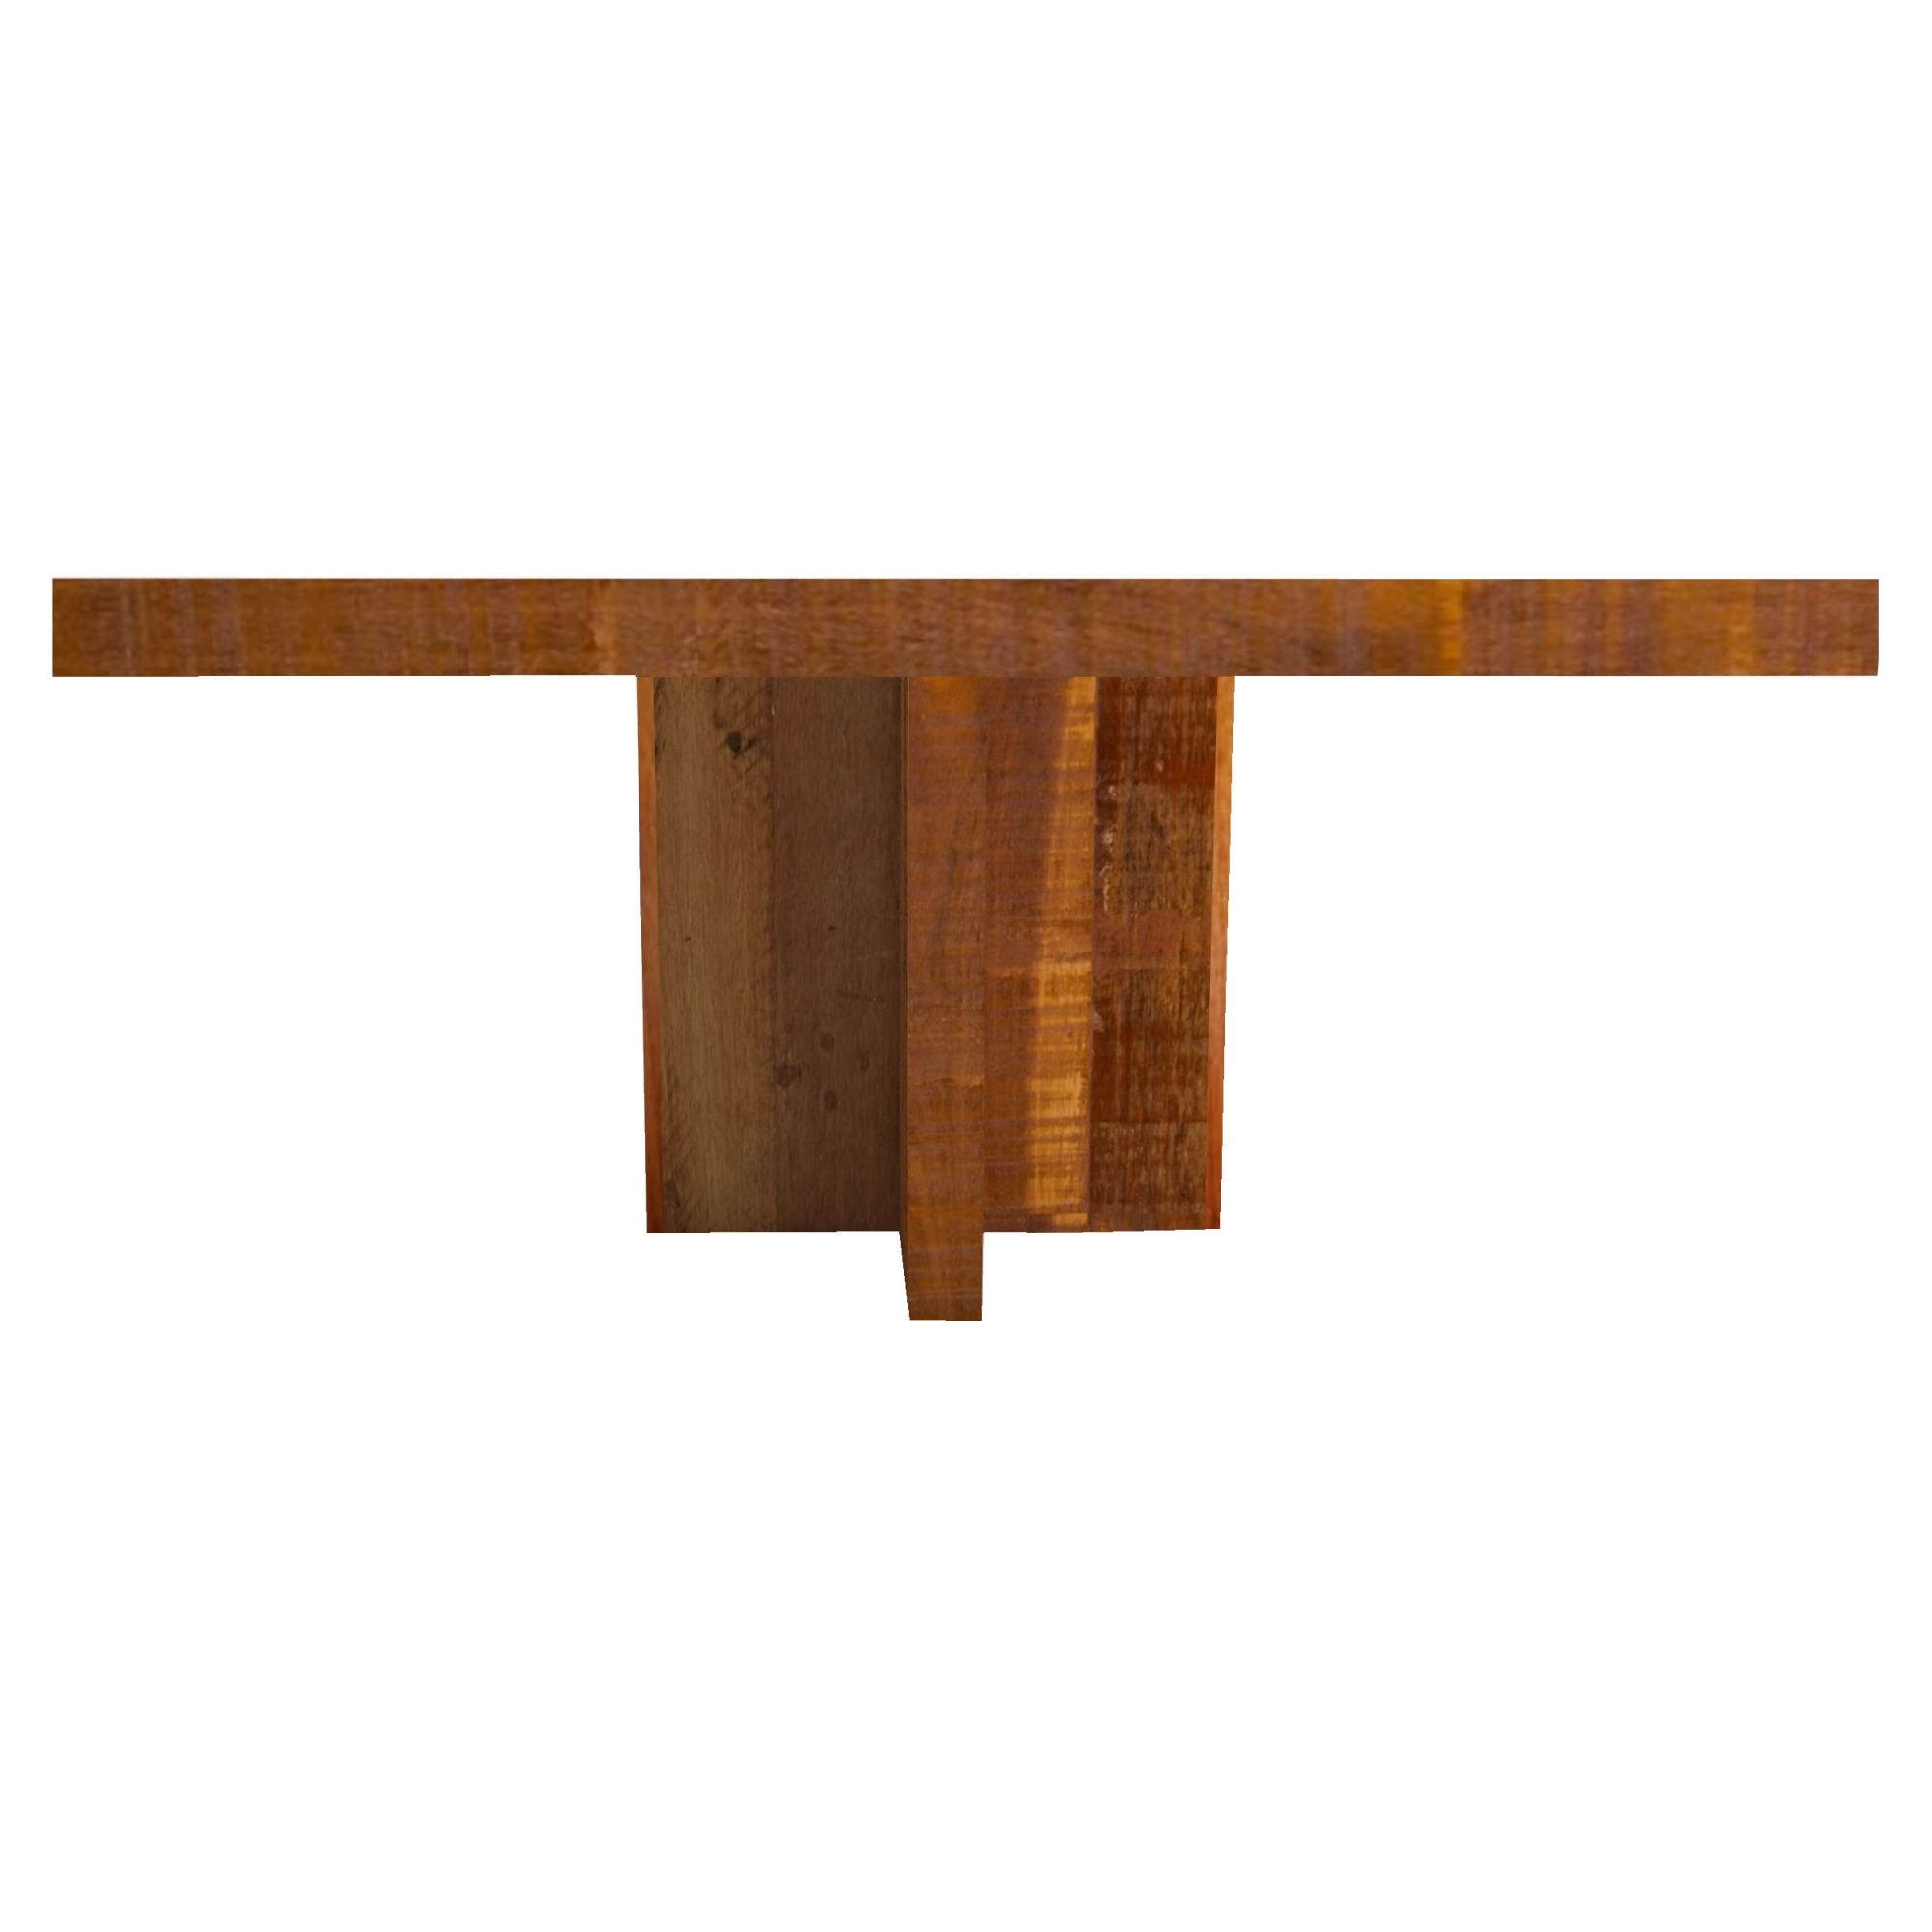 Mesa quadrada em madeira Mista de demolição pés cruzetas Medindo 1,40x1,40x78